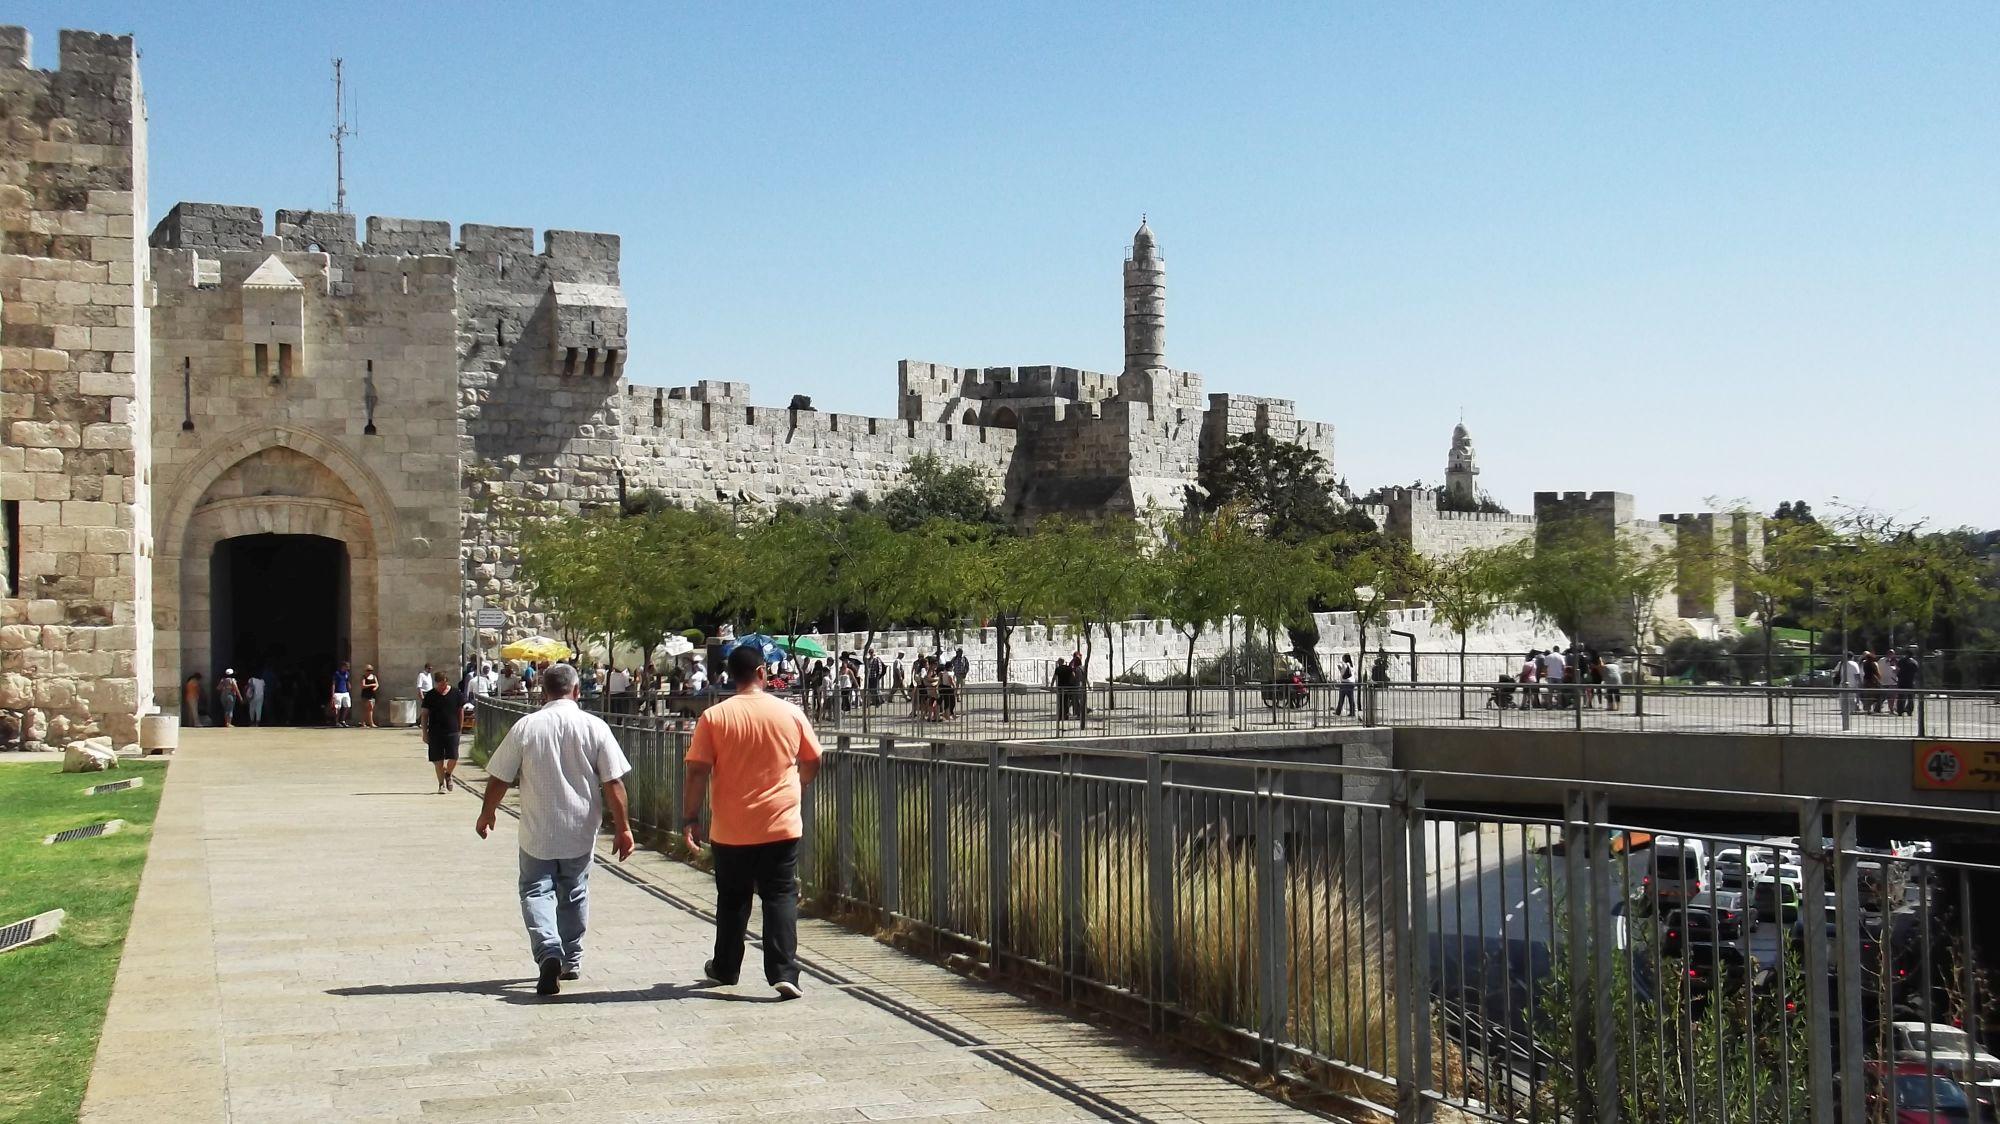 Izrael - Podstawowe informacje - przewodnik, zdjęcia, atrakcje